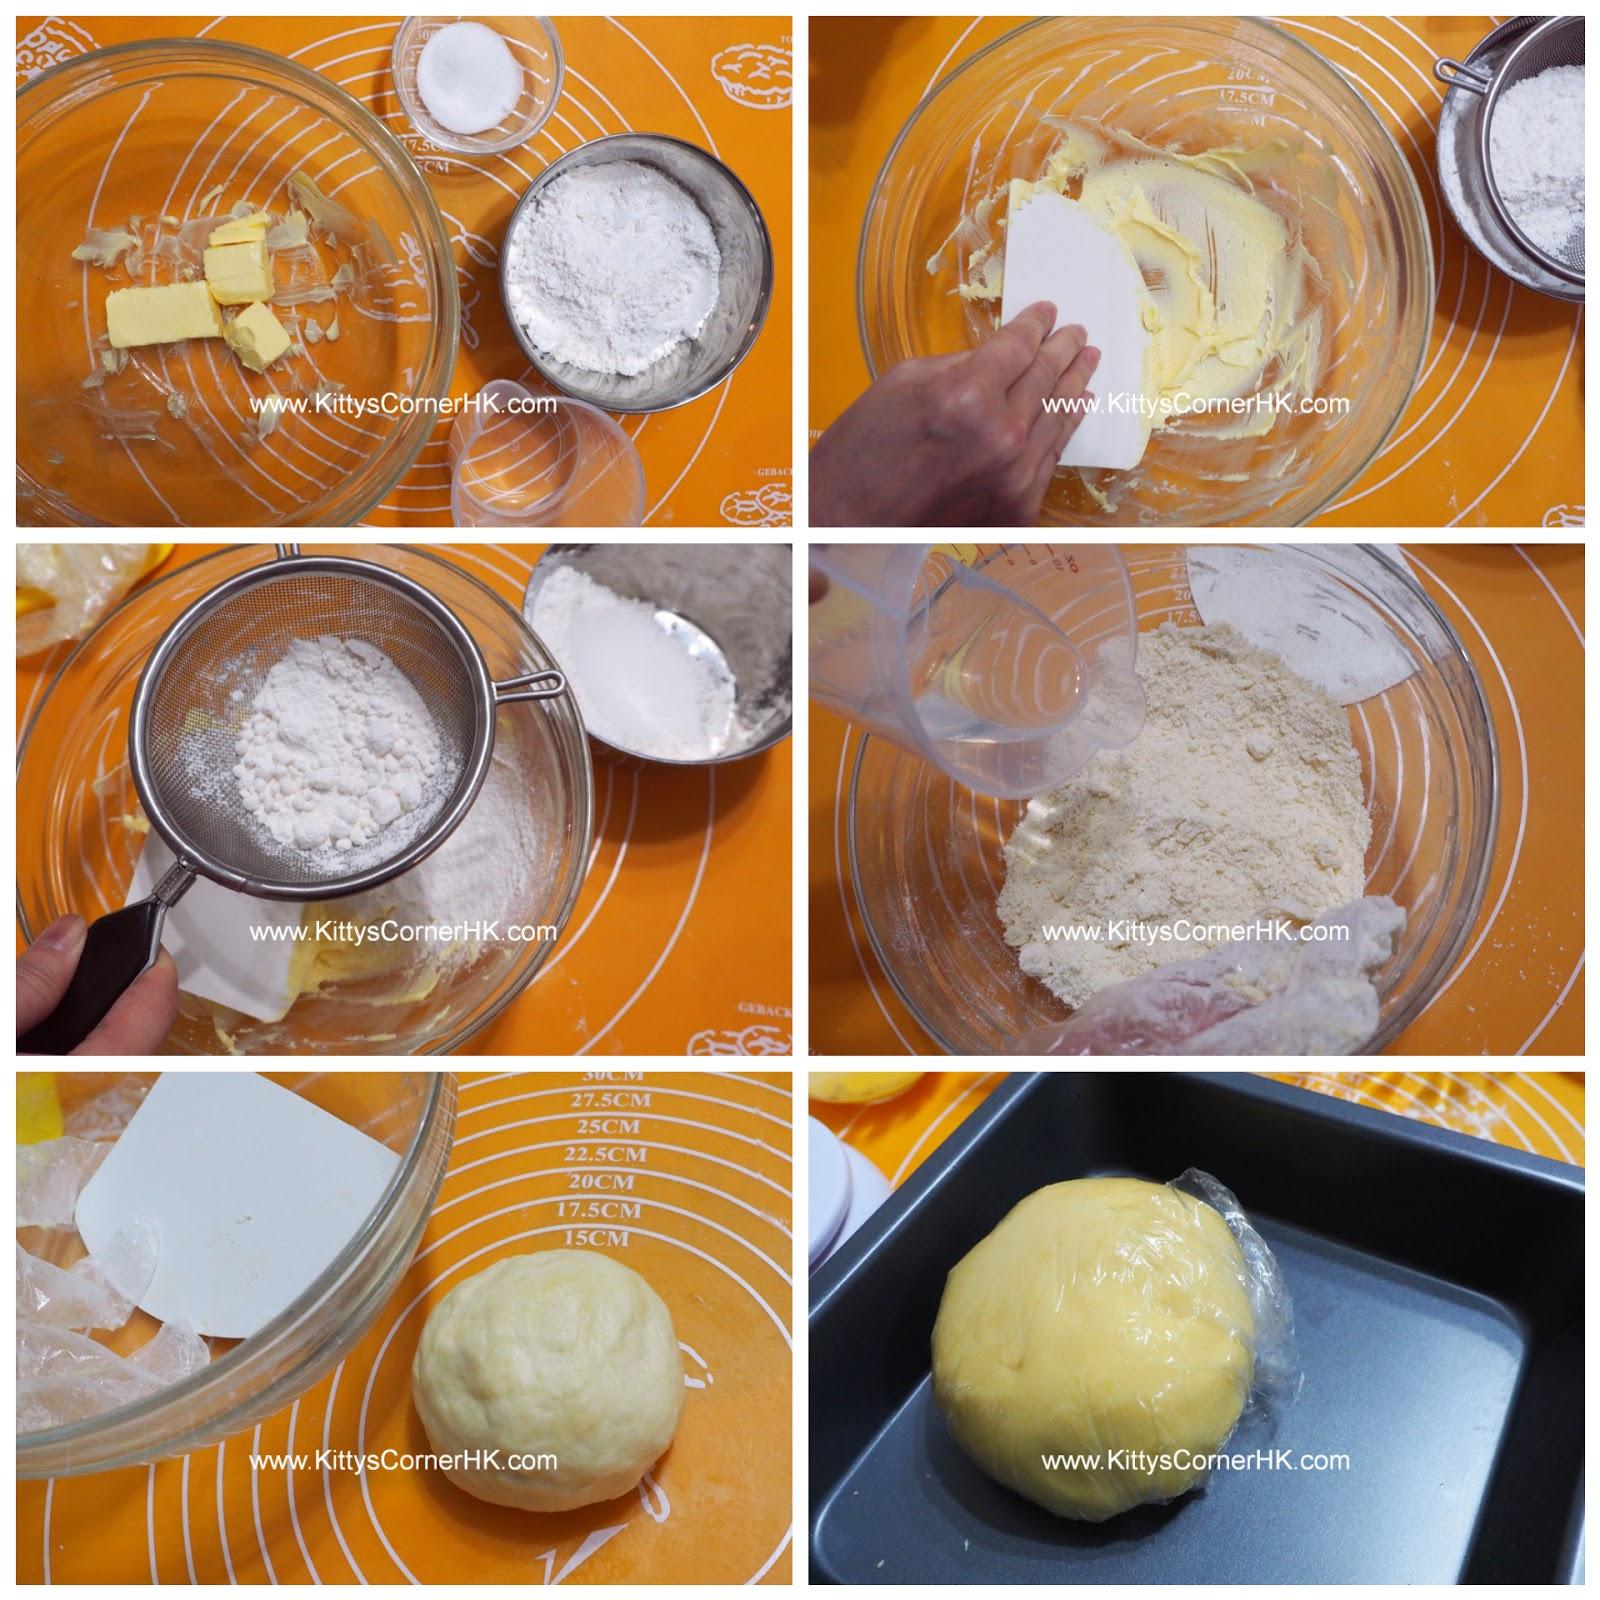 Apple Pie DIY recipe 蘋果批 自家烘焙食譜